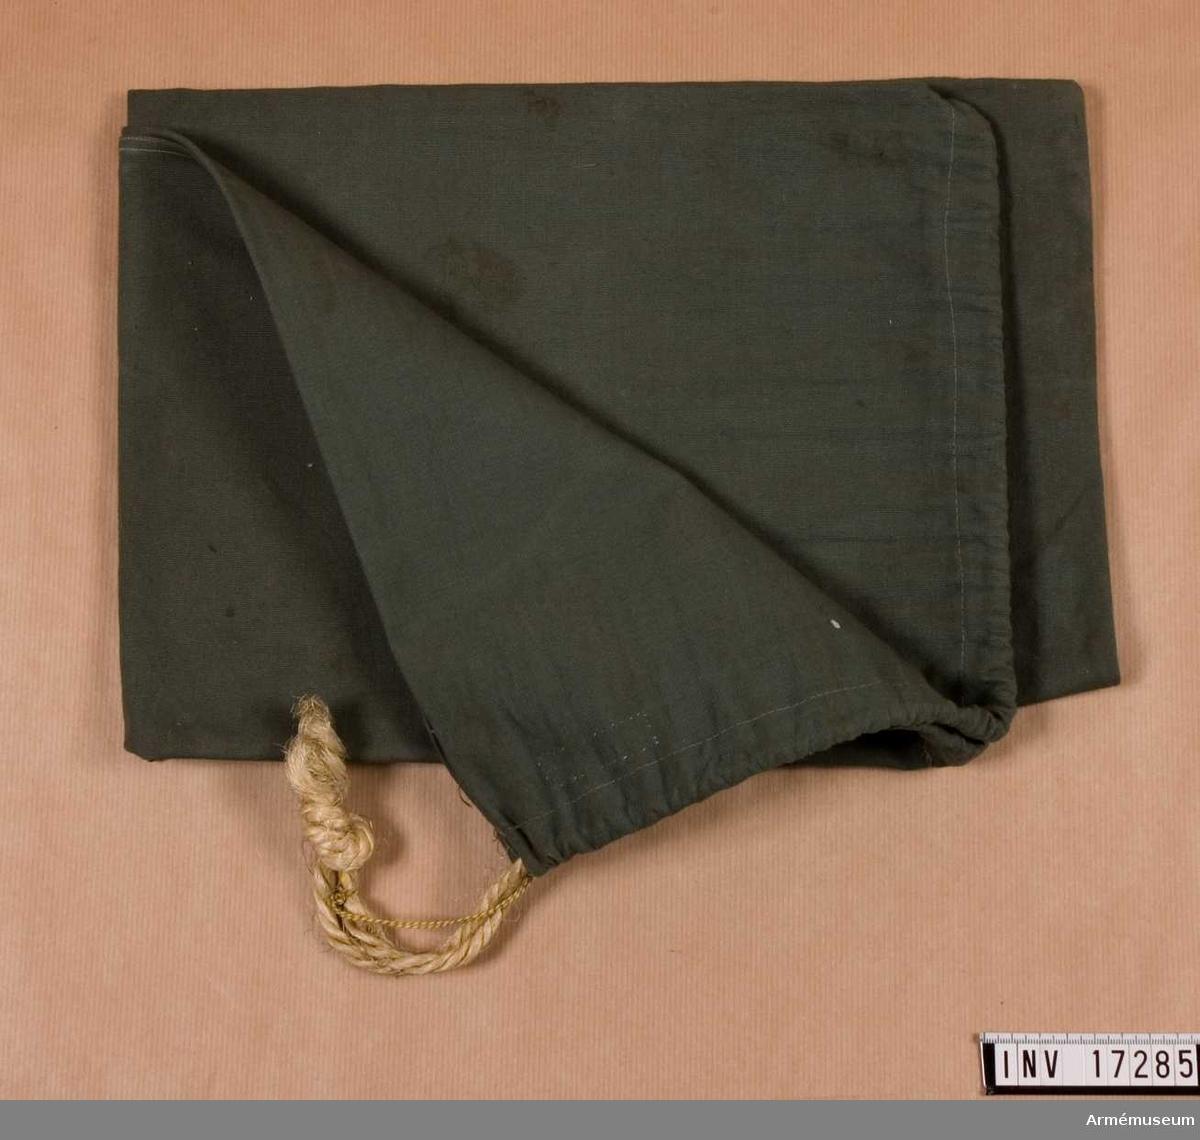 Persedelpåse.Grupp C II.Persedelpåse av bomullstyg, grön. Storlek 70 cm x 49 cm. Ovanpå finns snören med vilka man kan sätta fast påsen.Tillstånd 1946-12-11: gott skick.